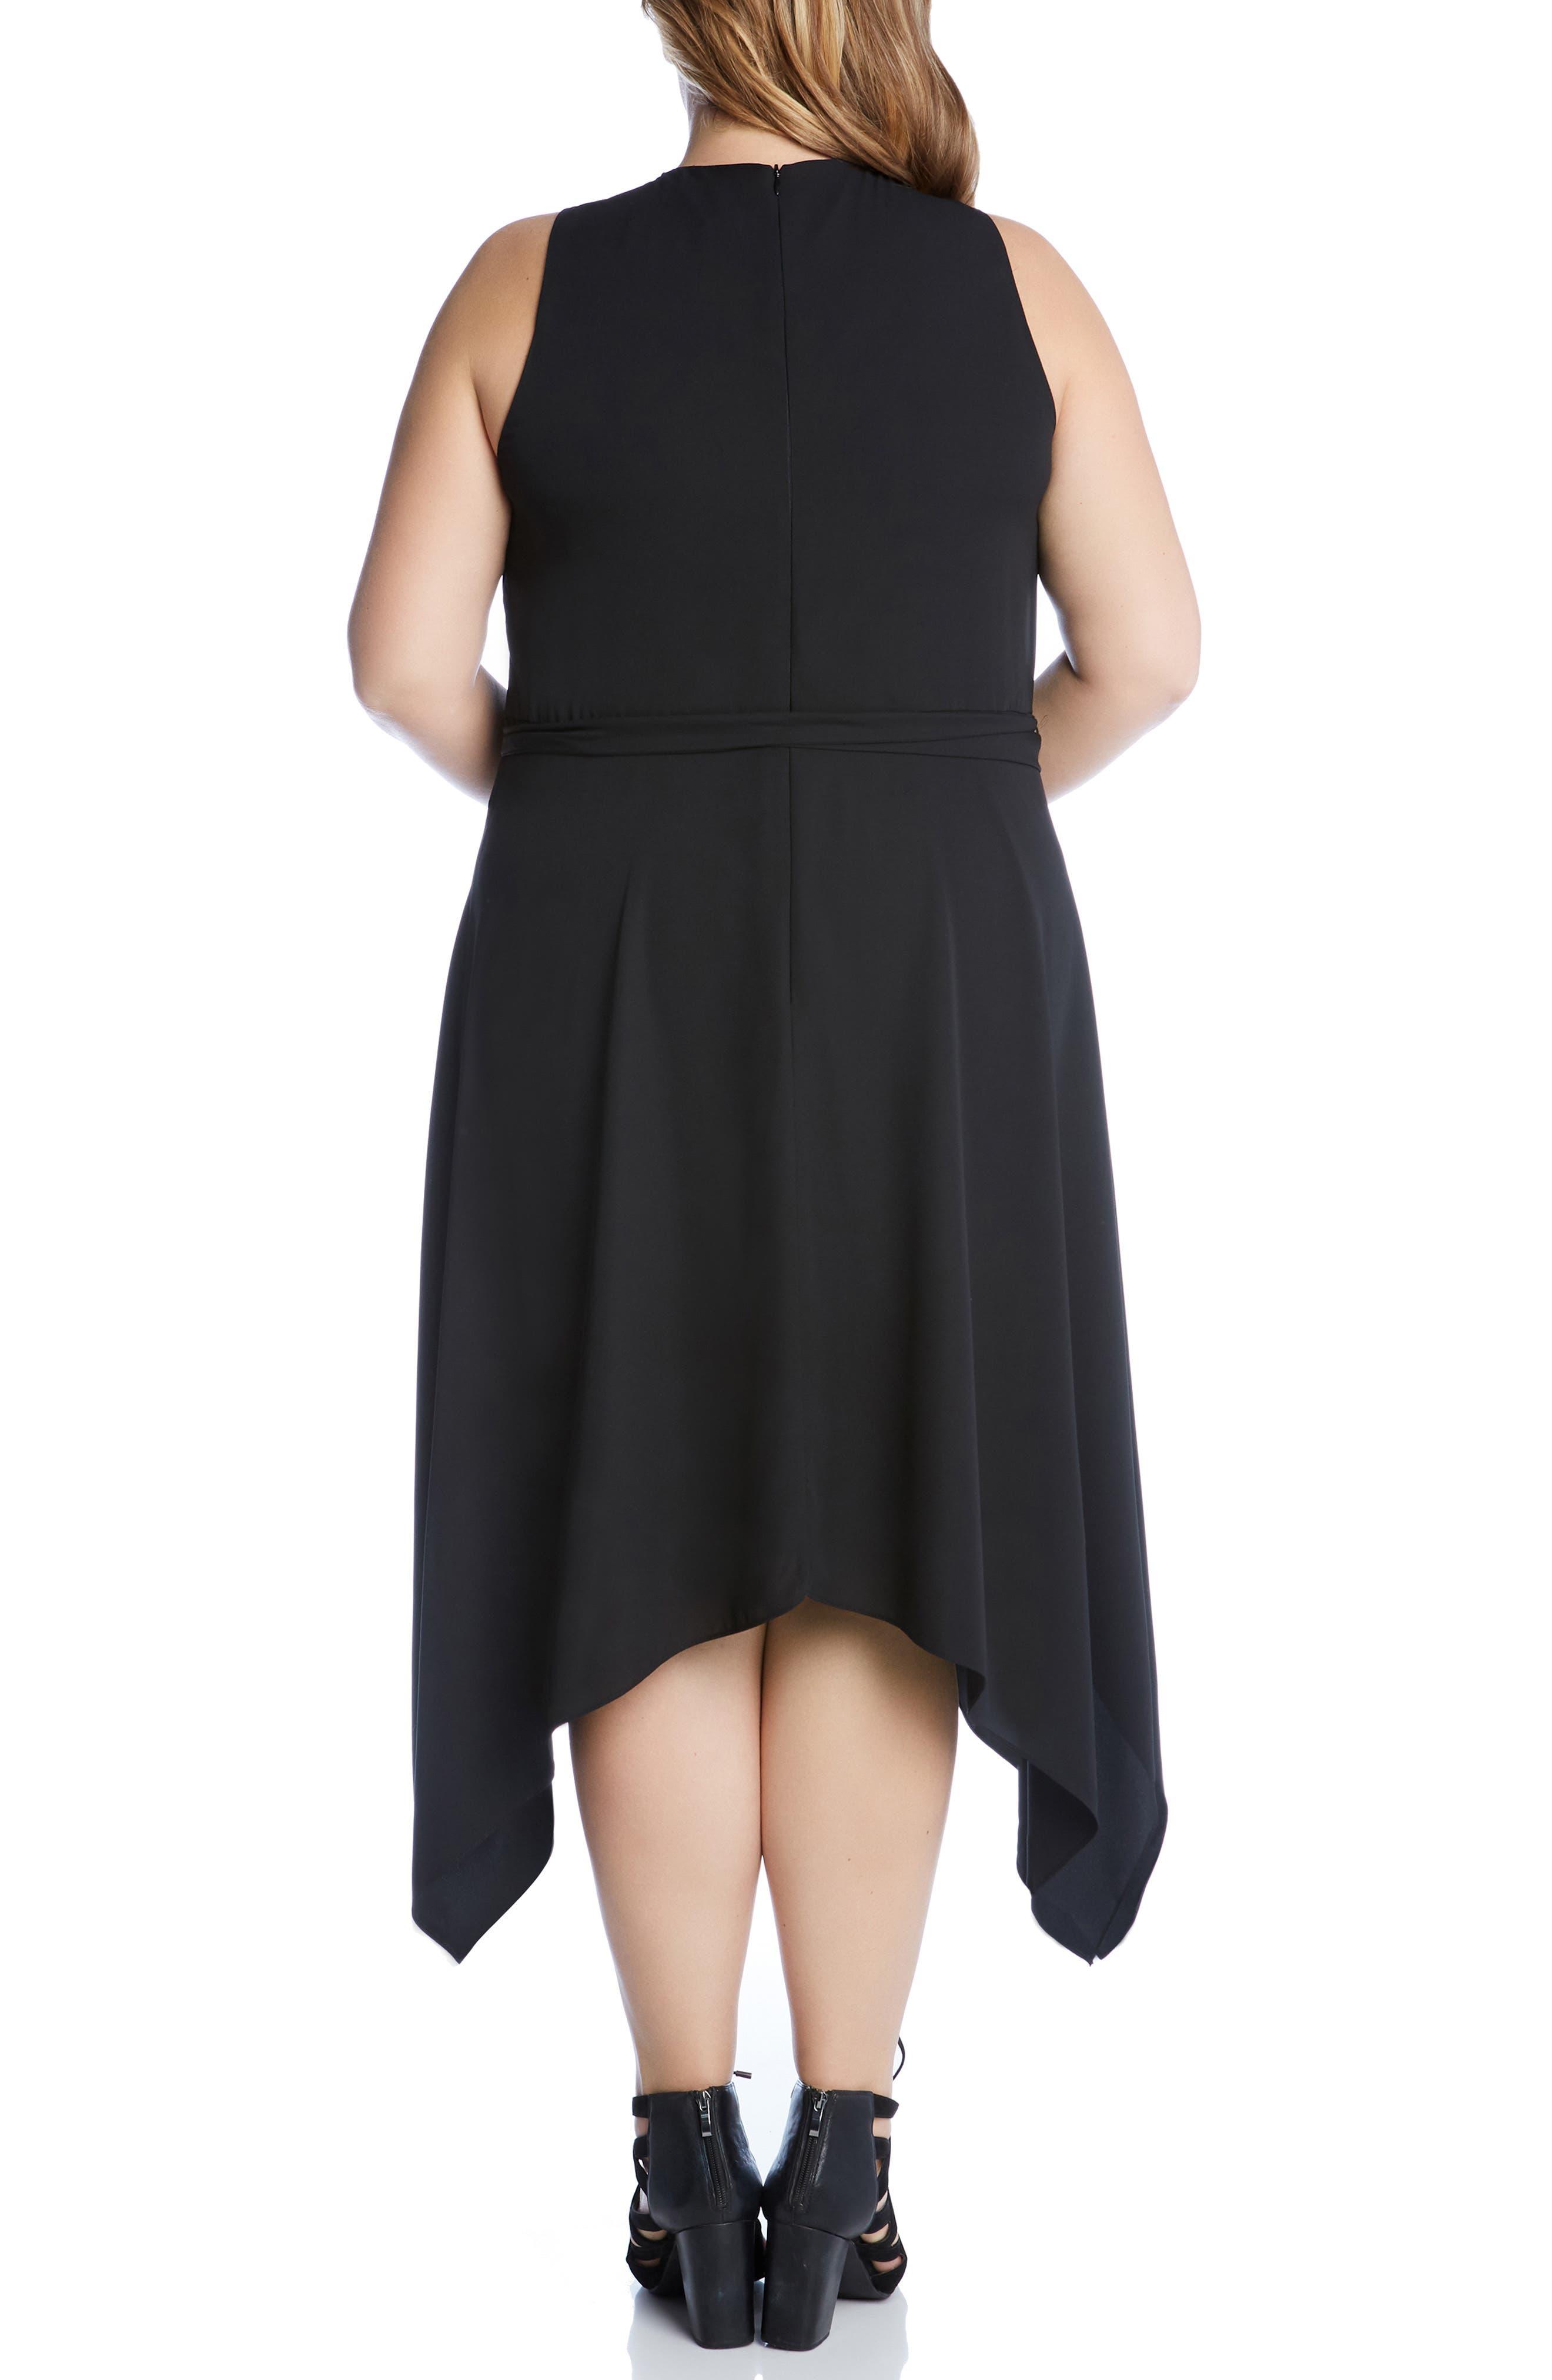 KAREN KANE, Sleeveless Handkerchief Hem Dress, Alternate thumbnail 2, color, BLACK